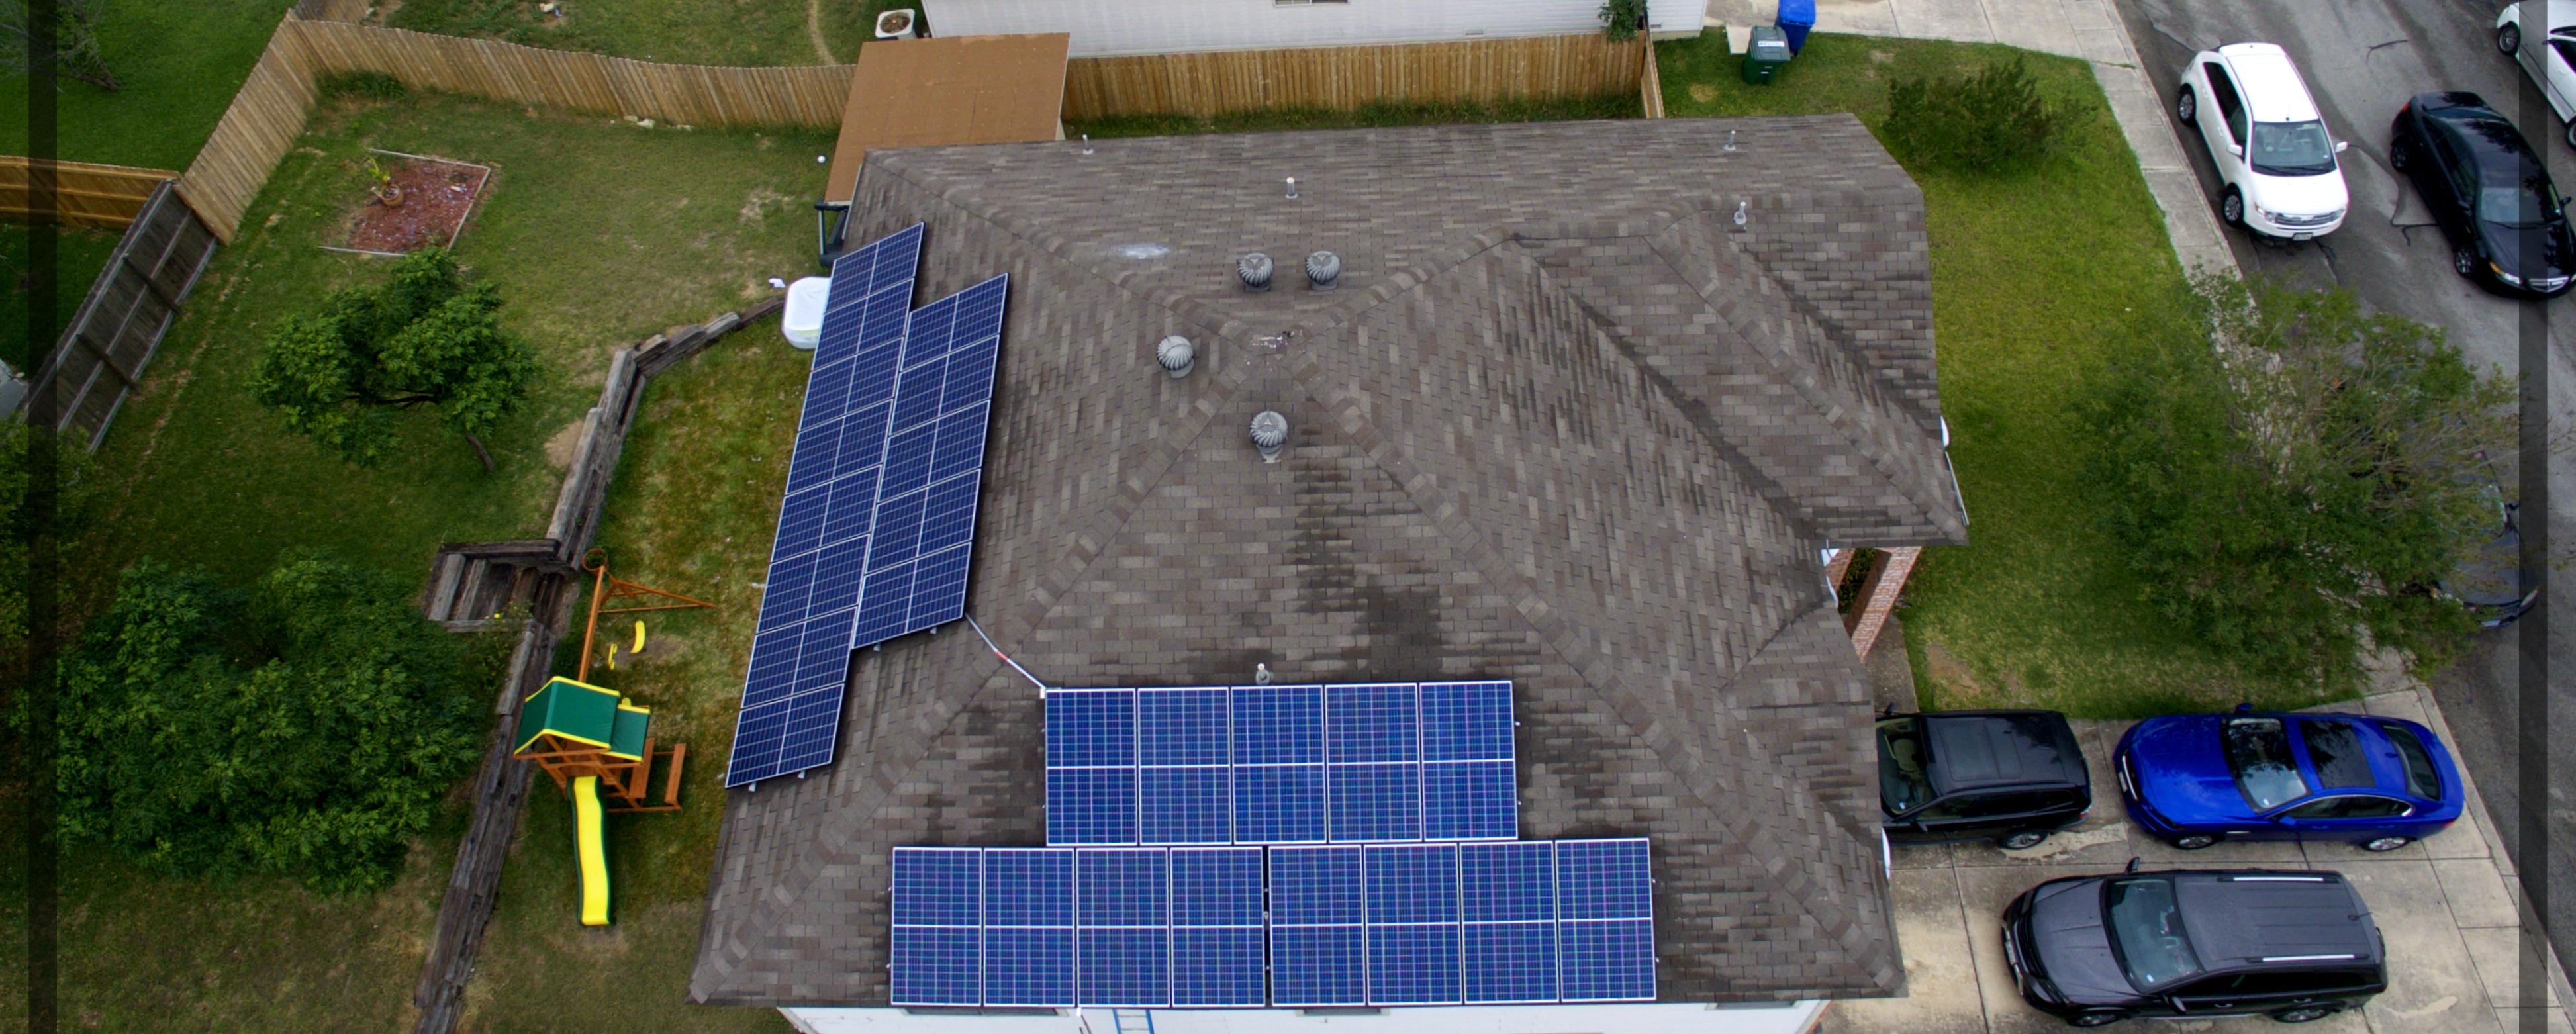 San Antonio Solar